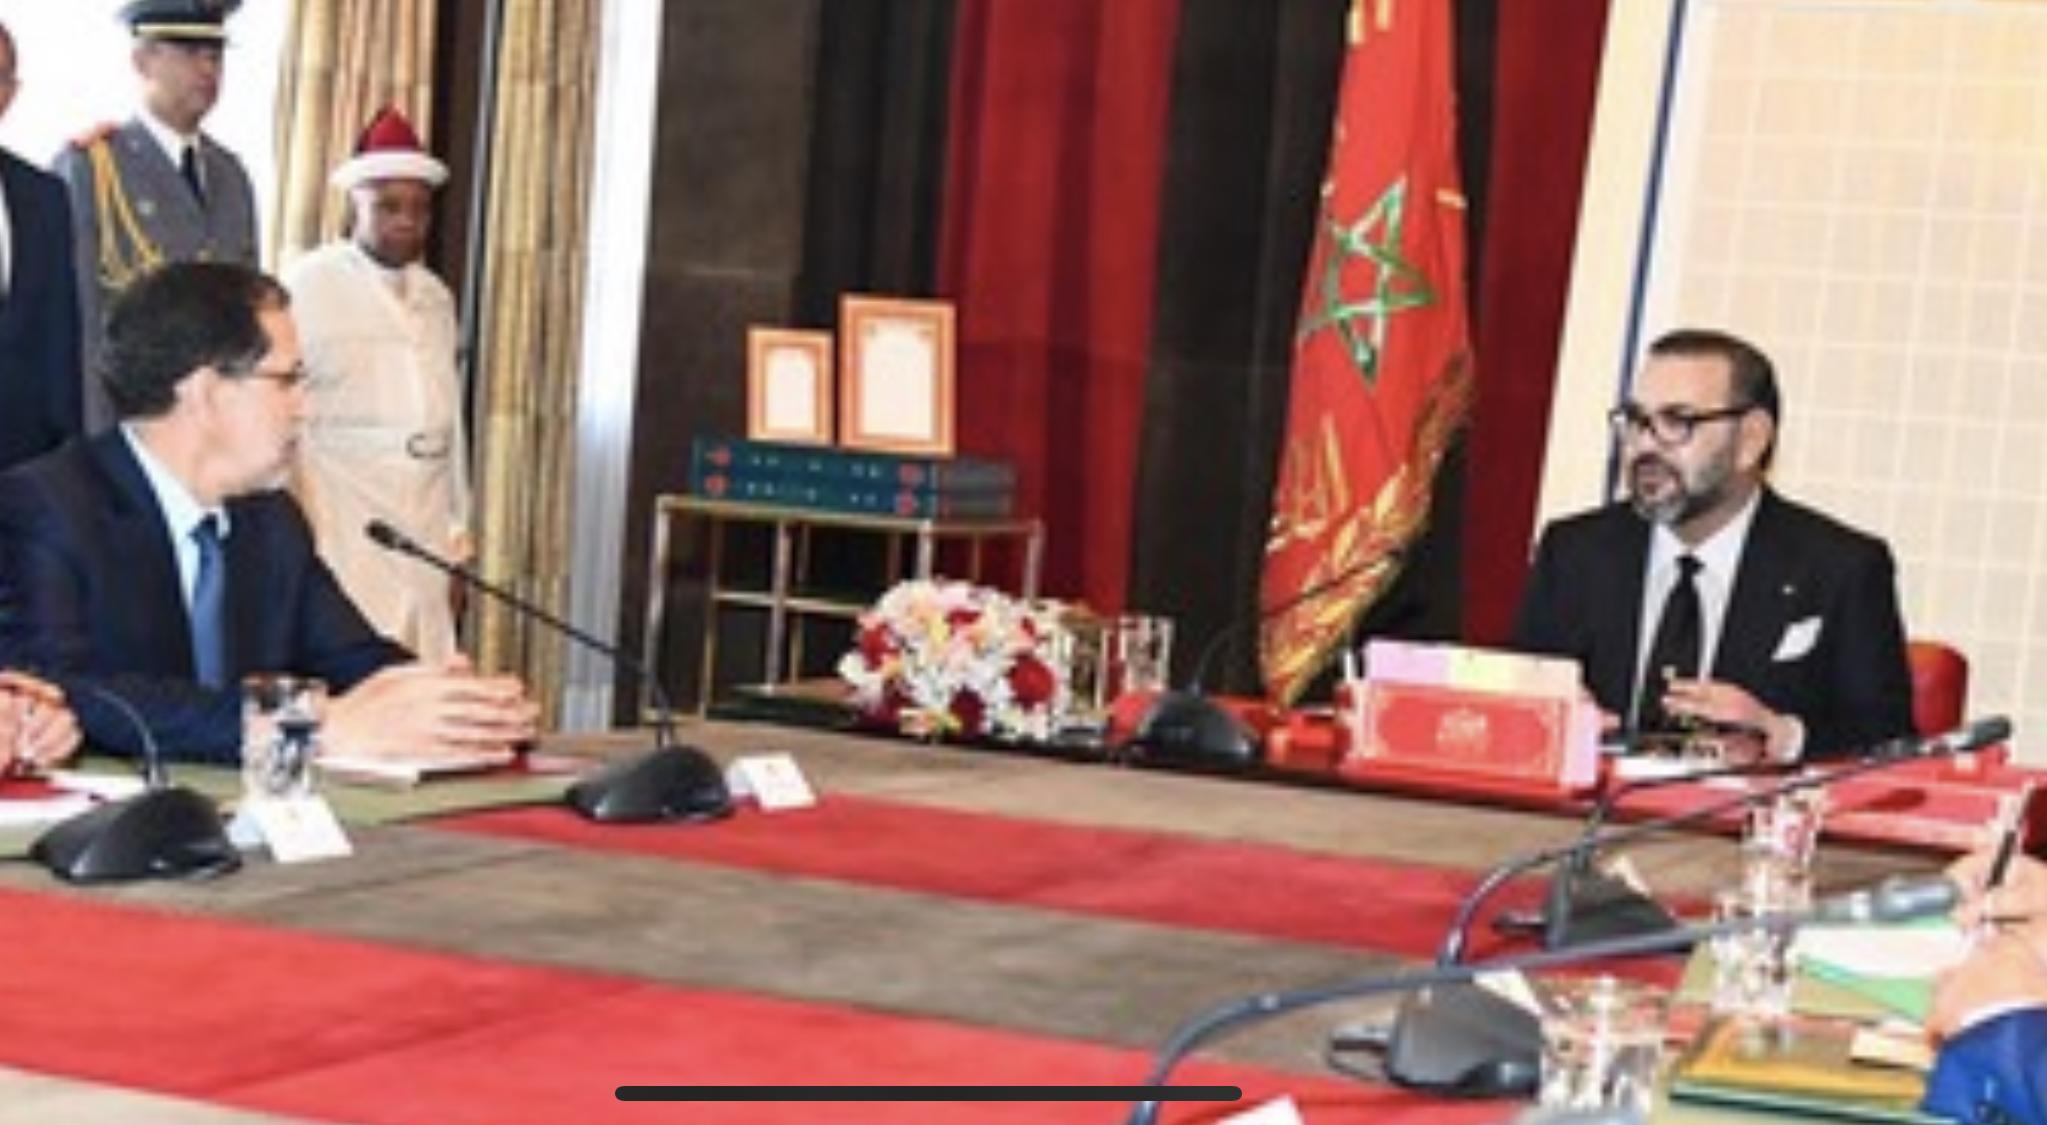 الملك يُمهل العثماني 70 يوماً لتشكيل حكومة كفاءات تحضيراً لإنتخابات 2021